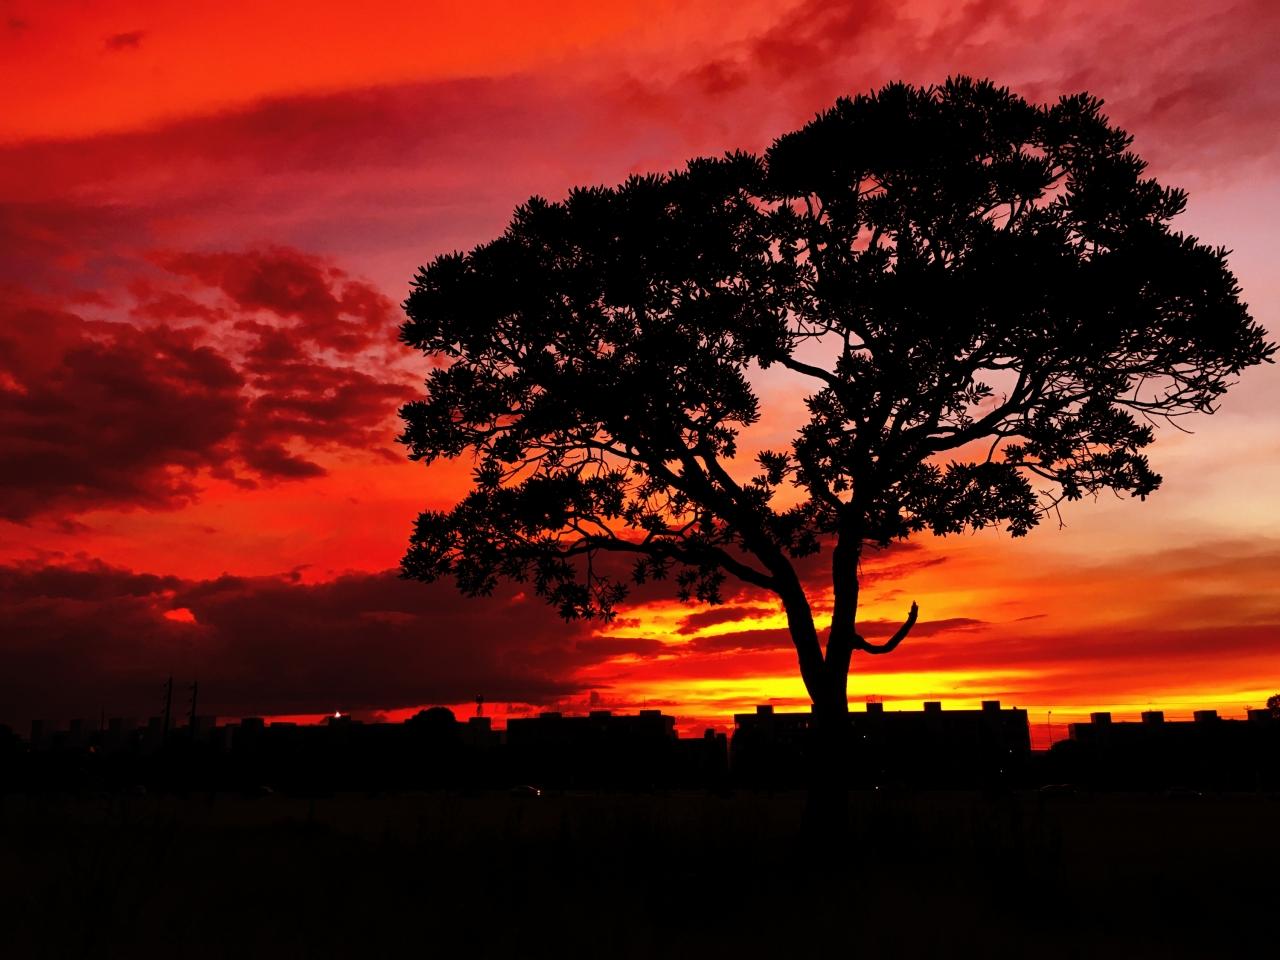 Красивый красный закат, дерево фотография Alexander